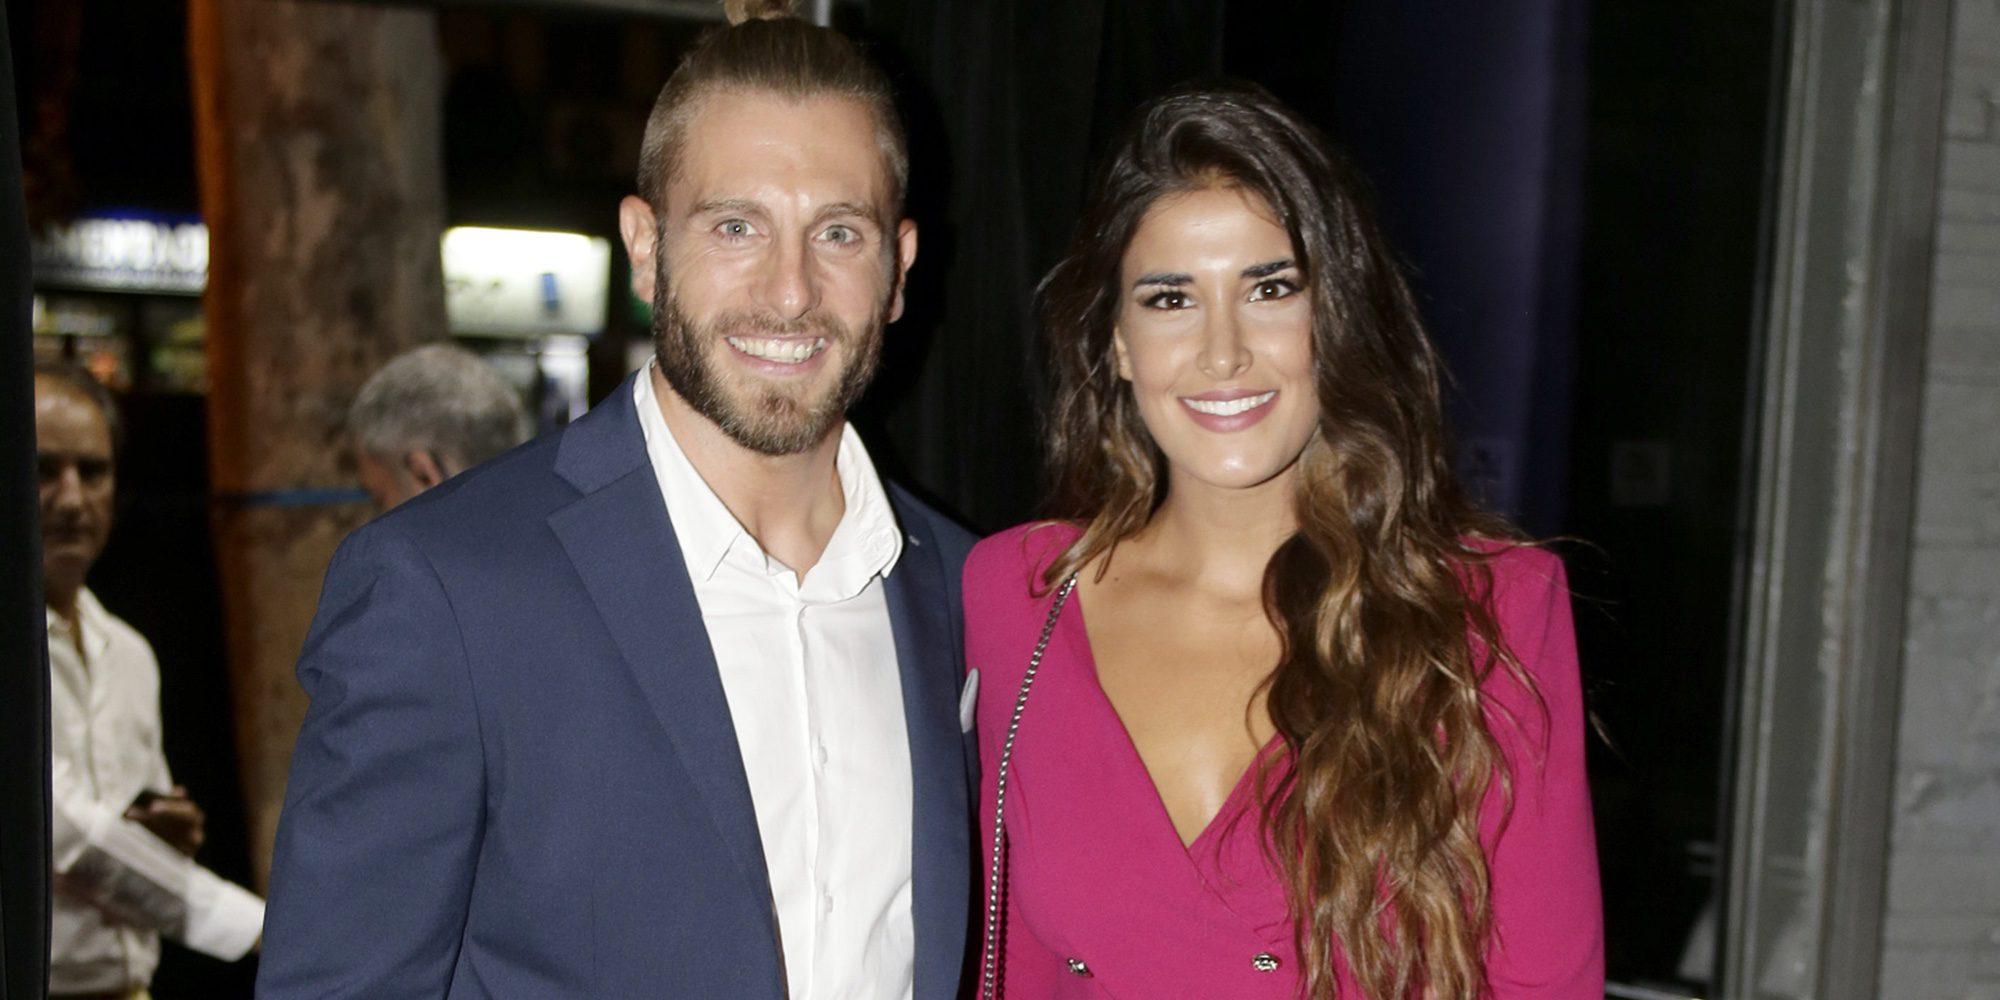 El amor surge entre los camareros de 'First dates': Lidia y Matías, pillados juntos